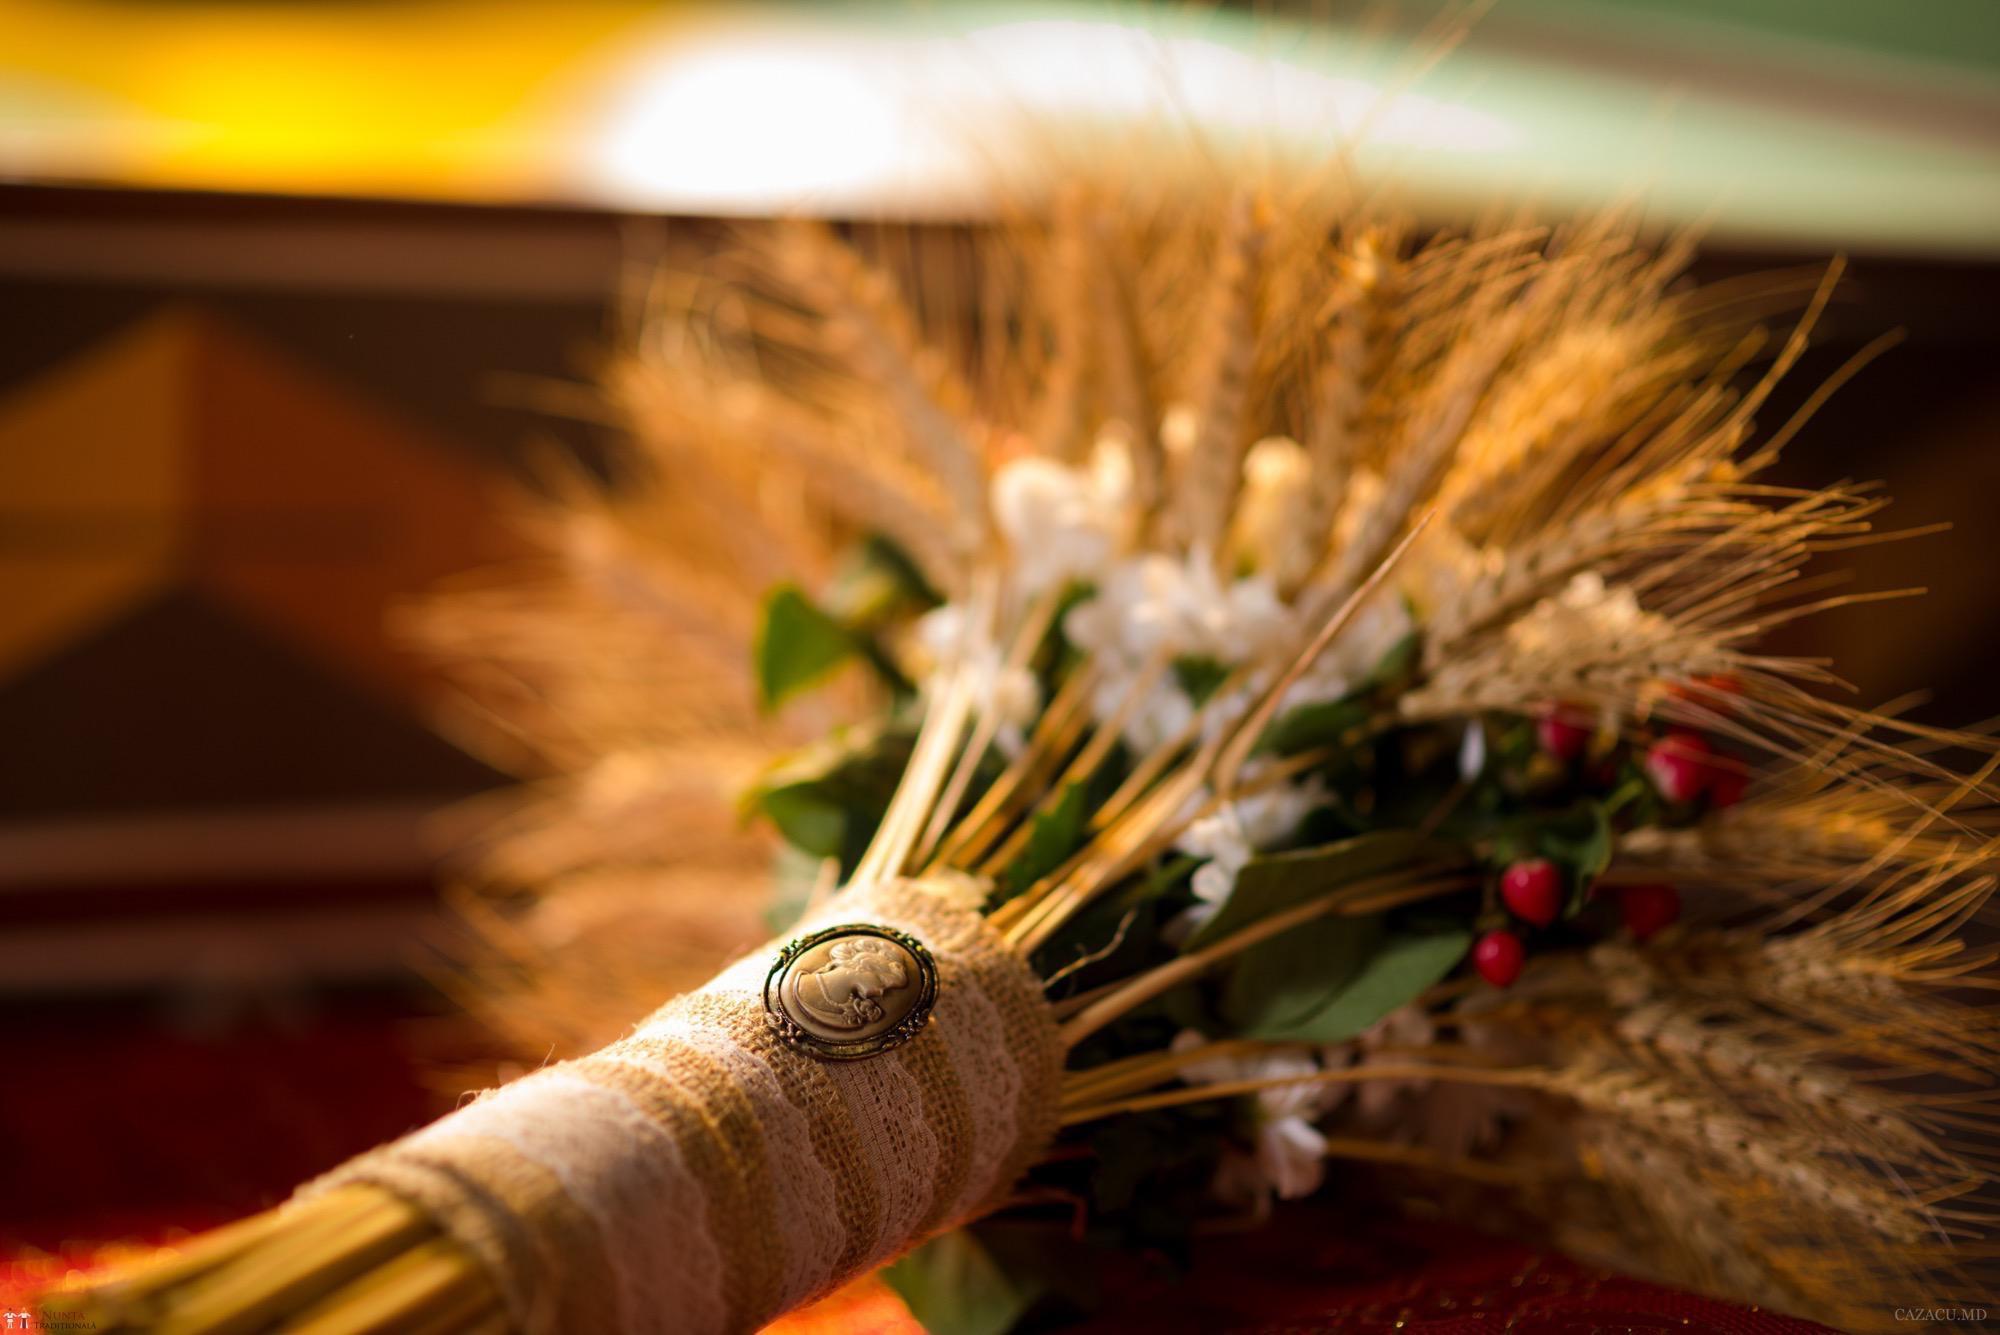 Povești Nunți Tradiționale - Mihaela și Andrei. Nuntă tradițională în Orheiul Vechi, Republica Moldova.